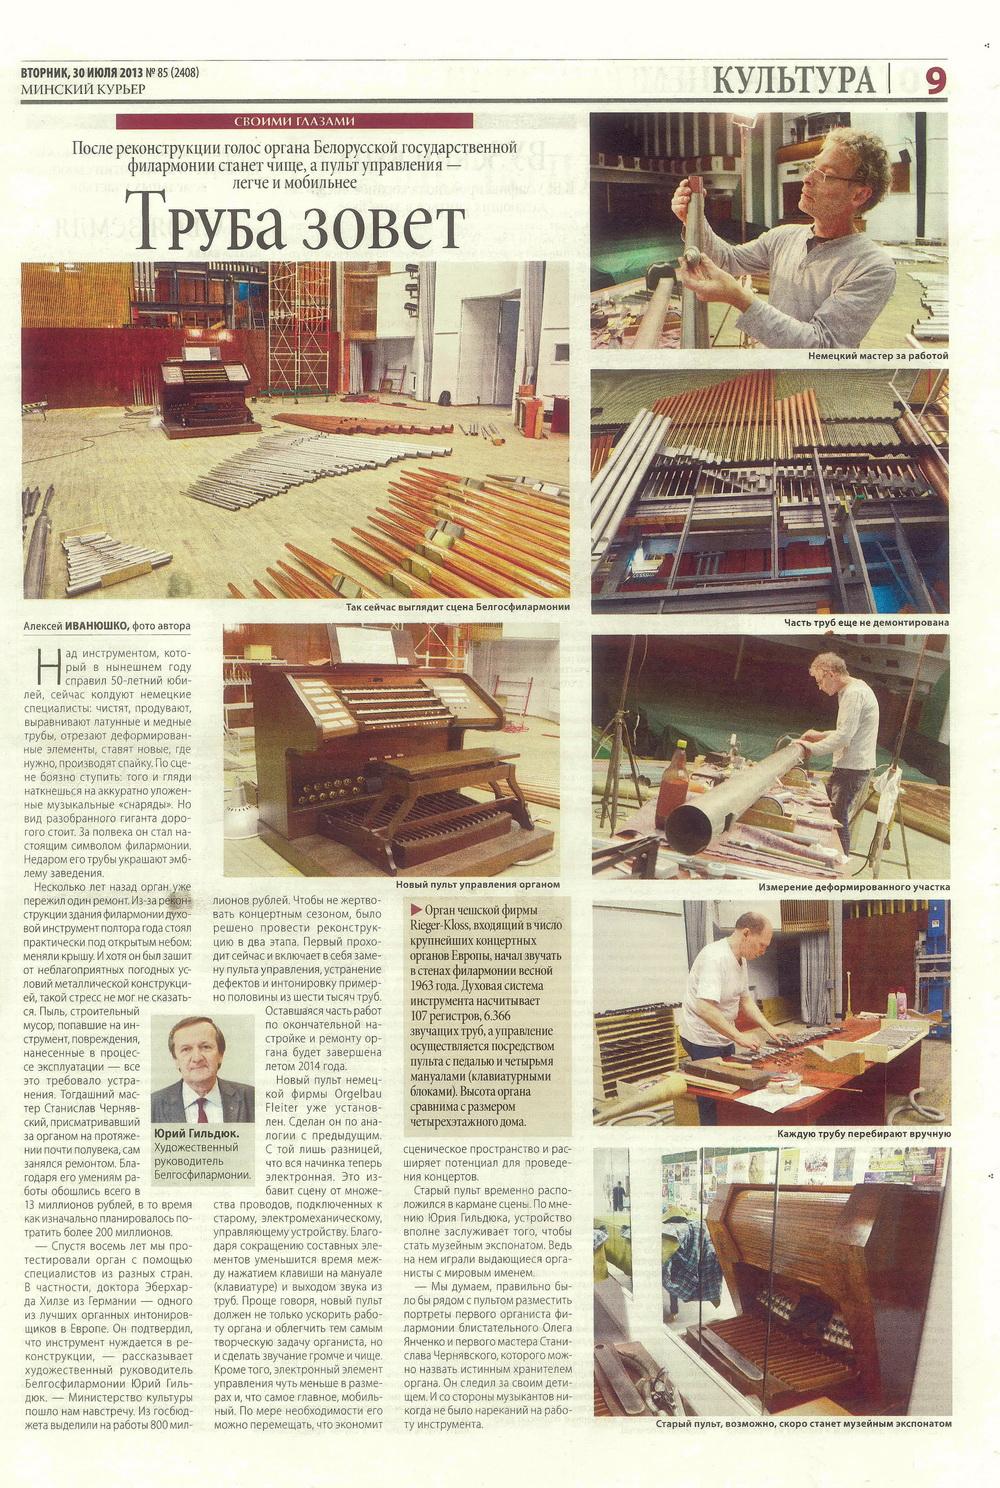 Zeitungsartikel im Minsker Kurier vom 30.06.2013 über unsere Arbeiten an der Orgel in der Staatlichen Philharmonie in Minsk/Weißrussland.